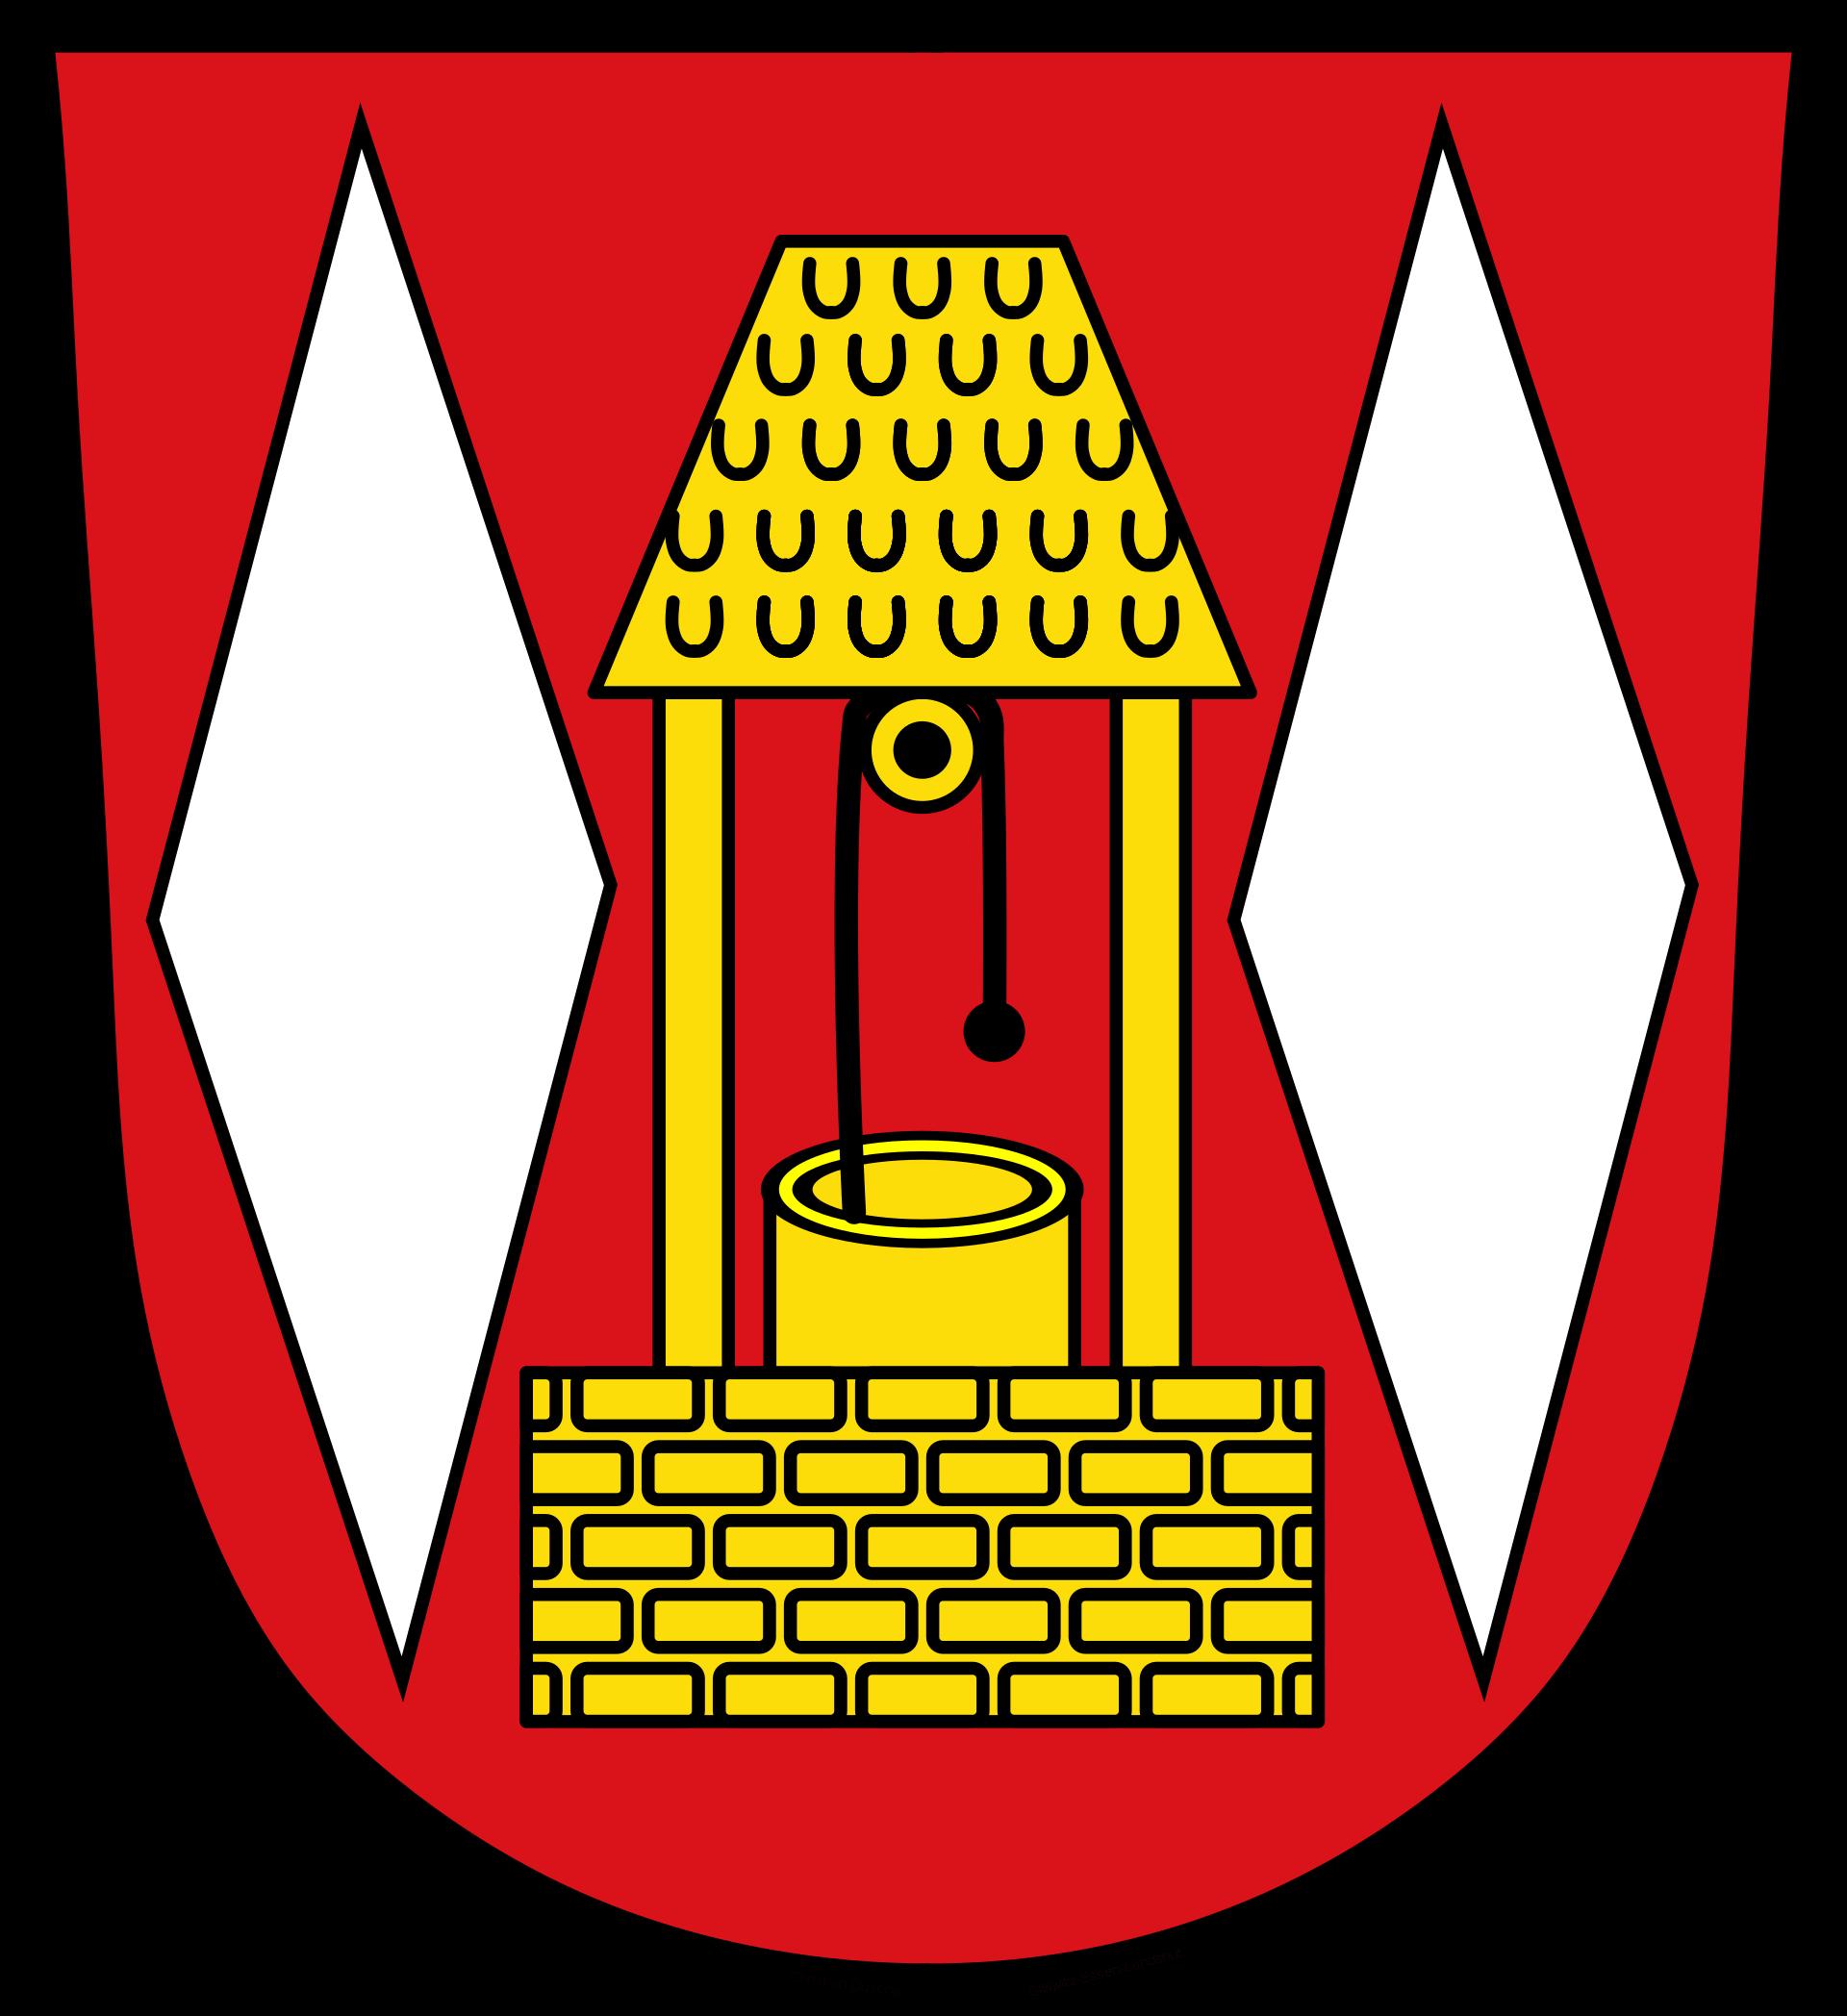 Wappen der Stadt Grasbrunn